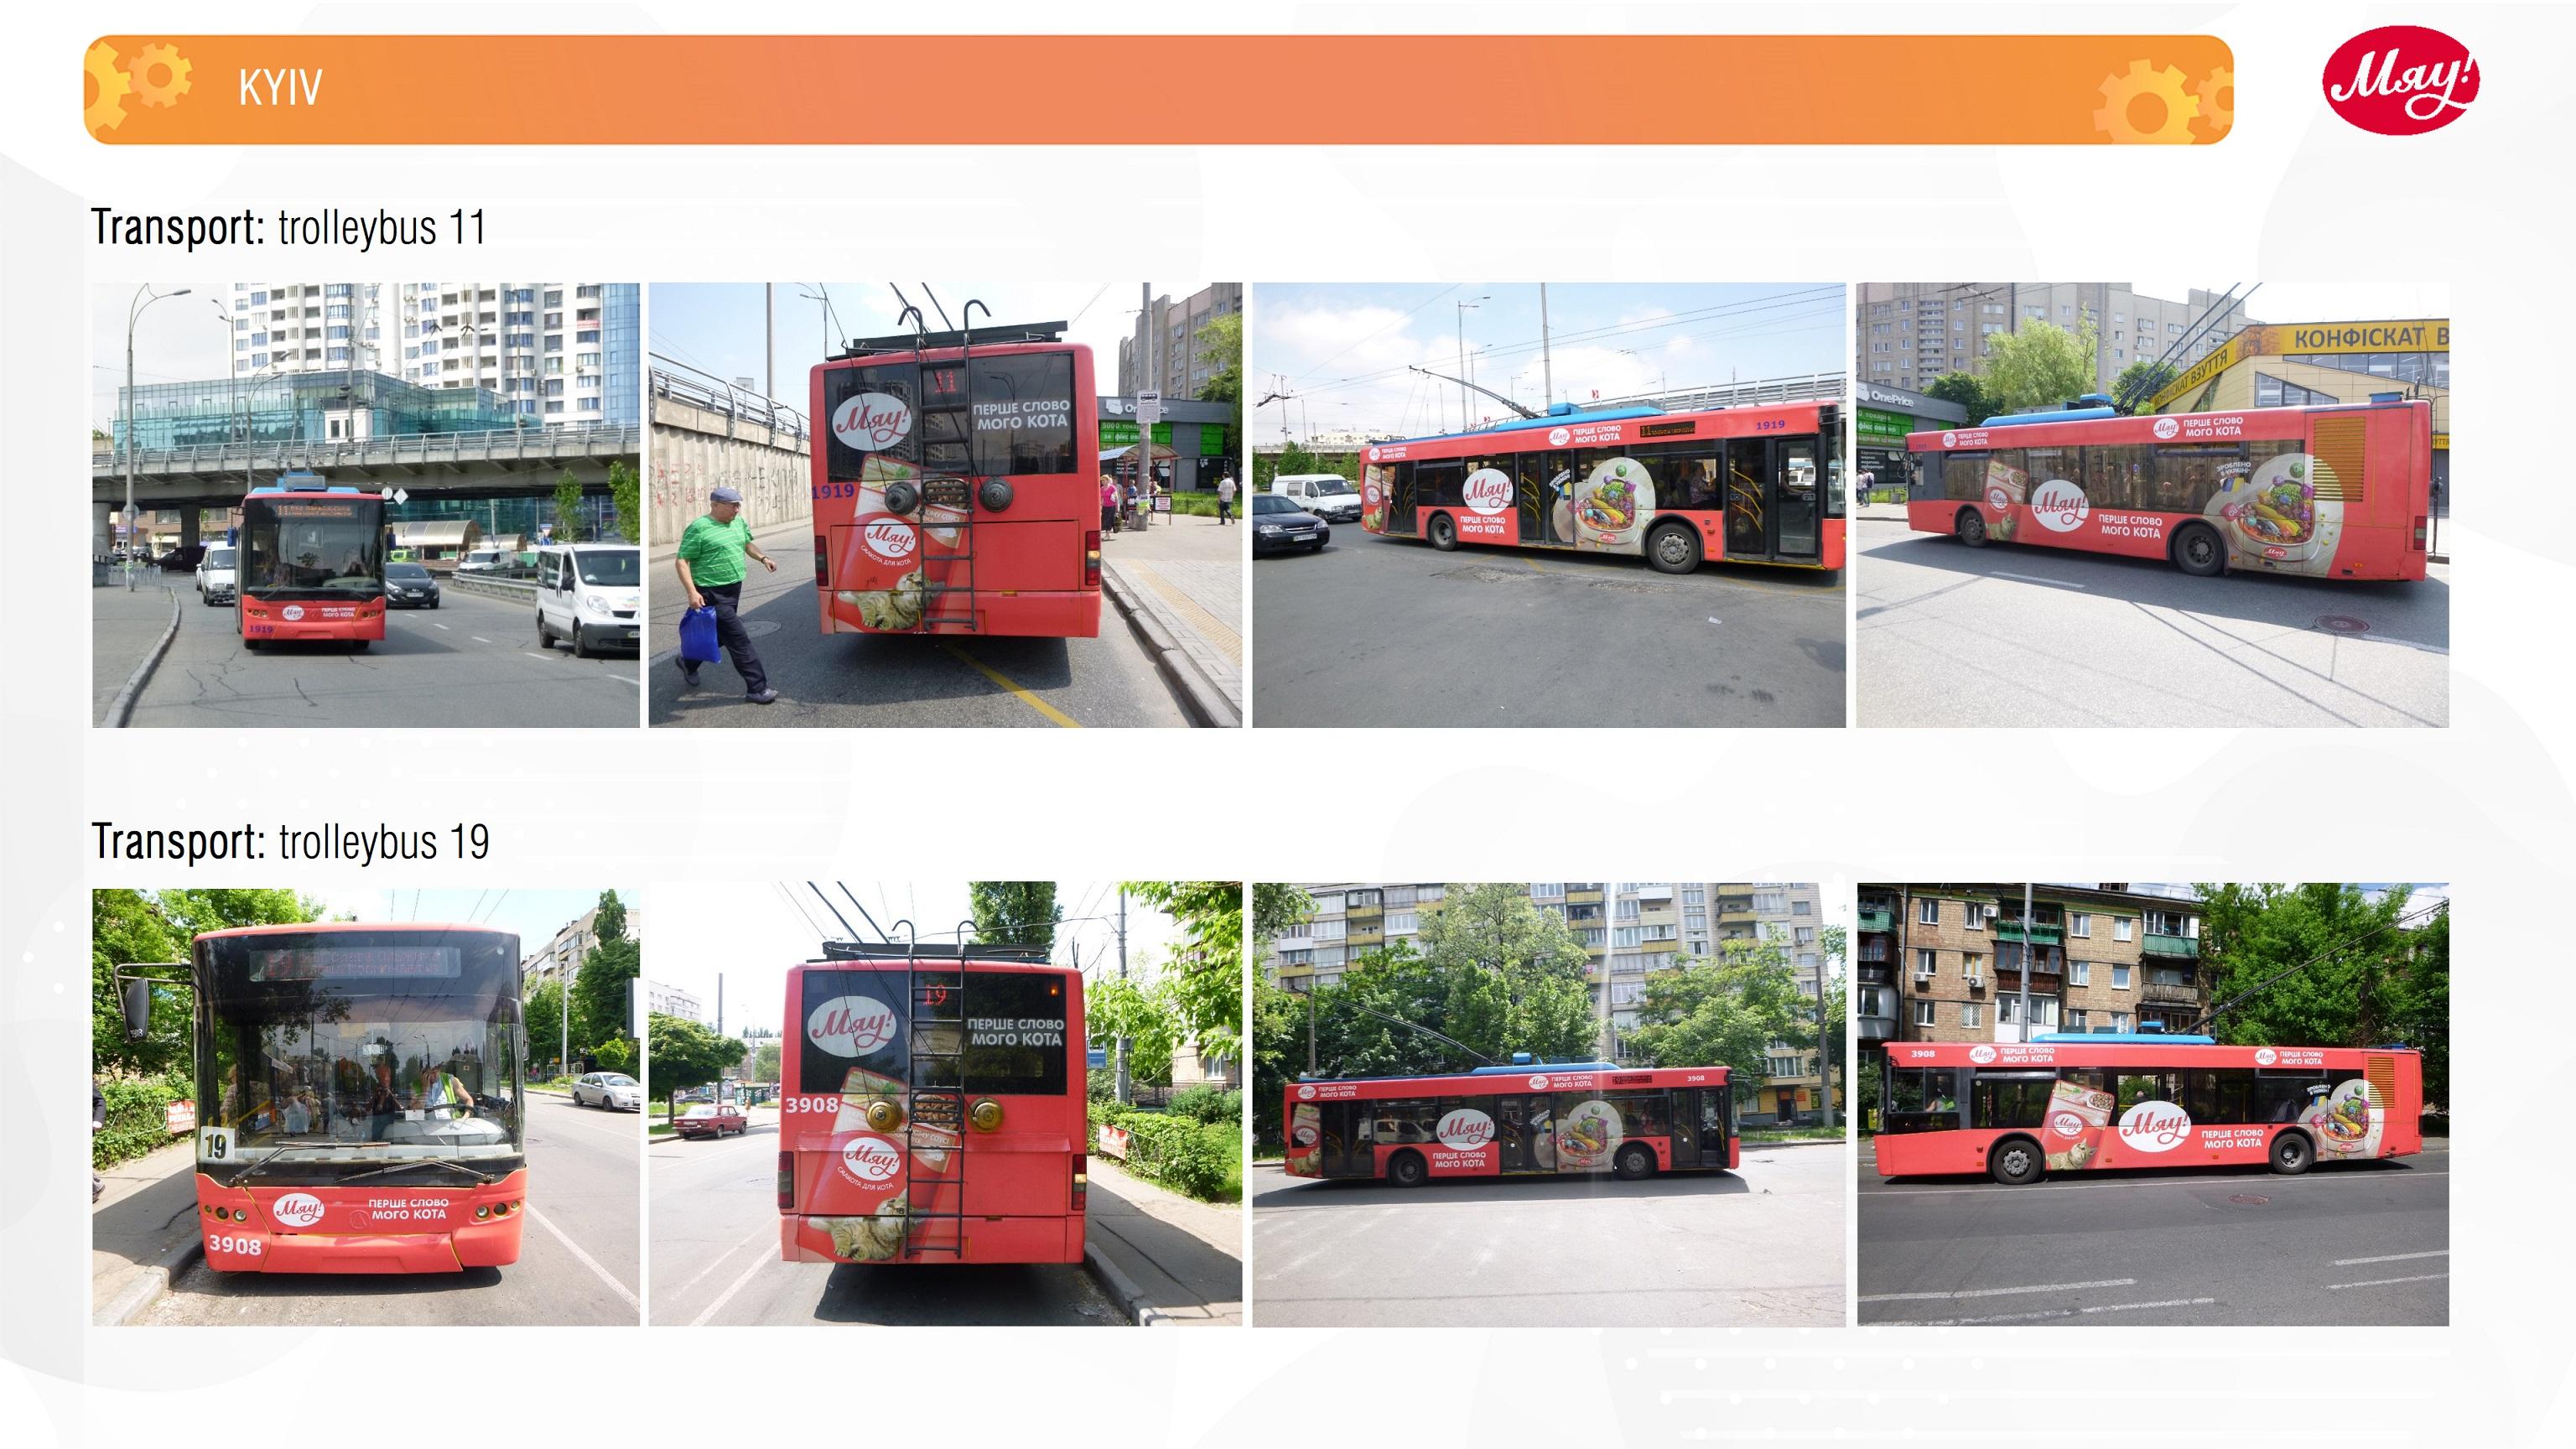 Реклама на транспорте Киев. Забрендировать троллейбус. Троллейус 19. Троллейбус 11